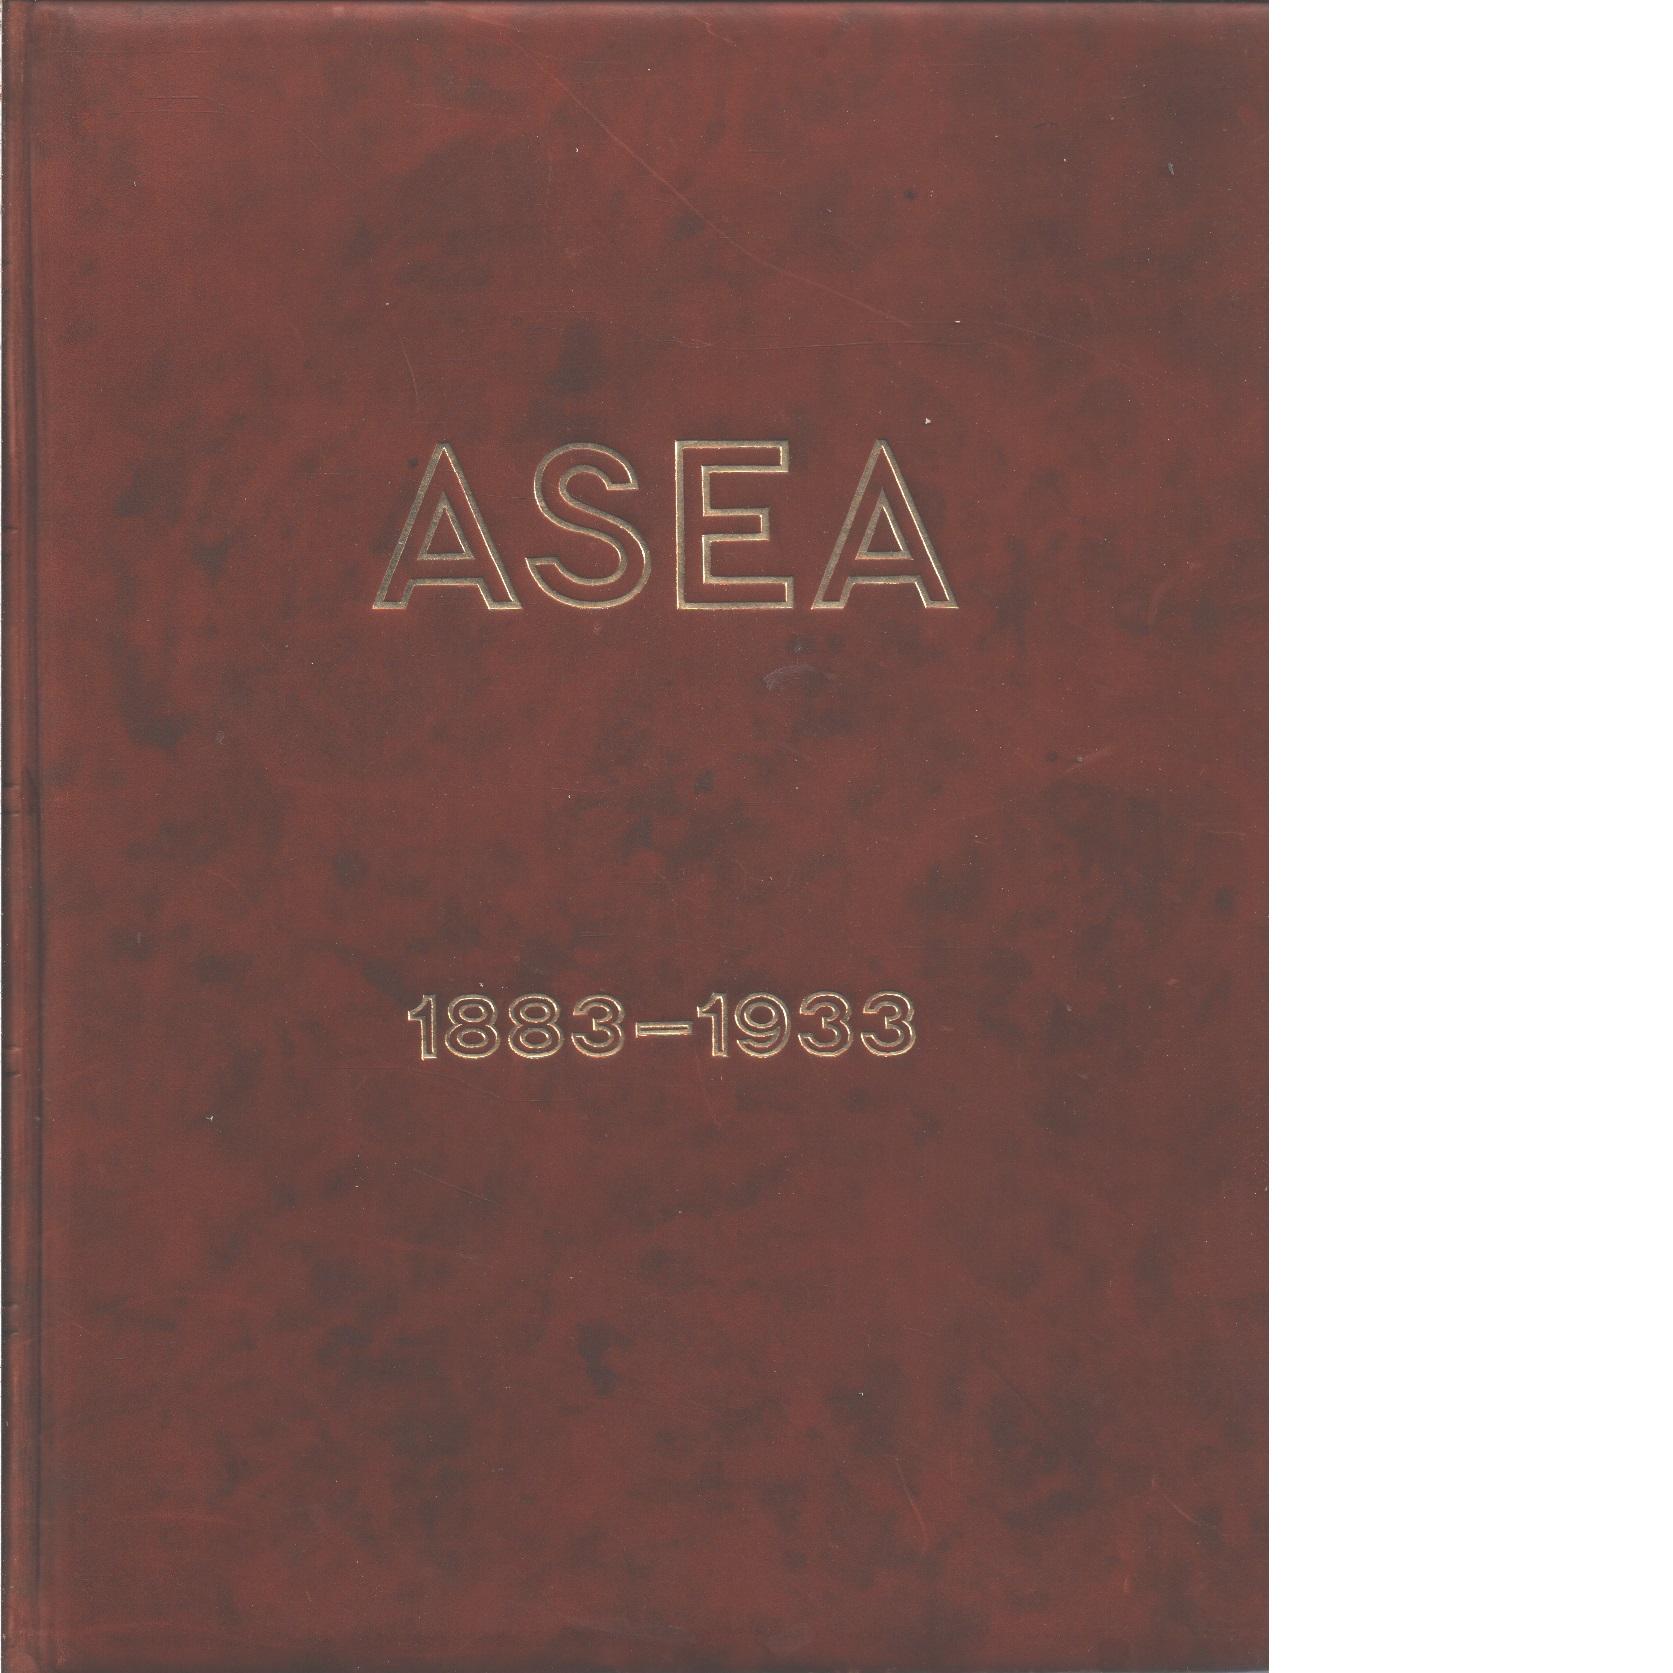 Ett elektriskt halvsekel : översikt över ASEAs utveckling 1883-1933 - Åkerman, Johan